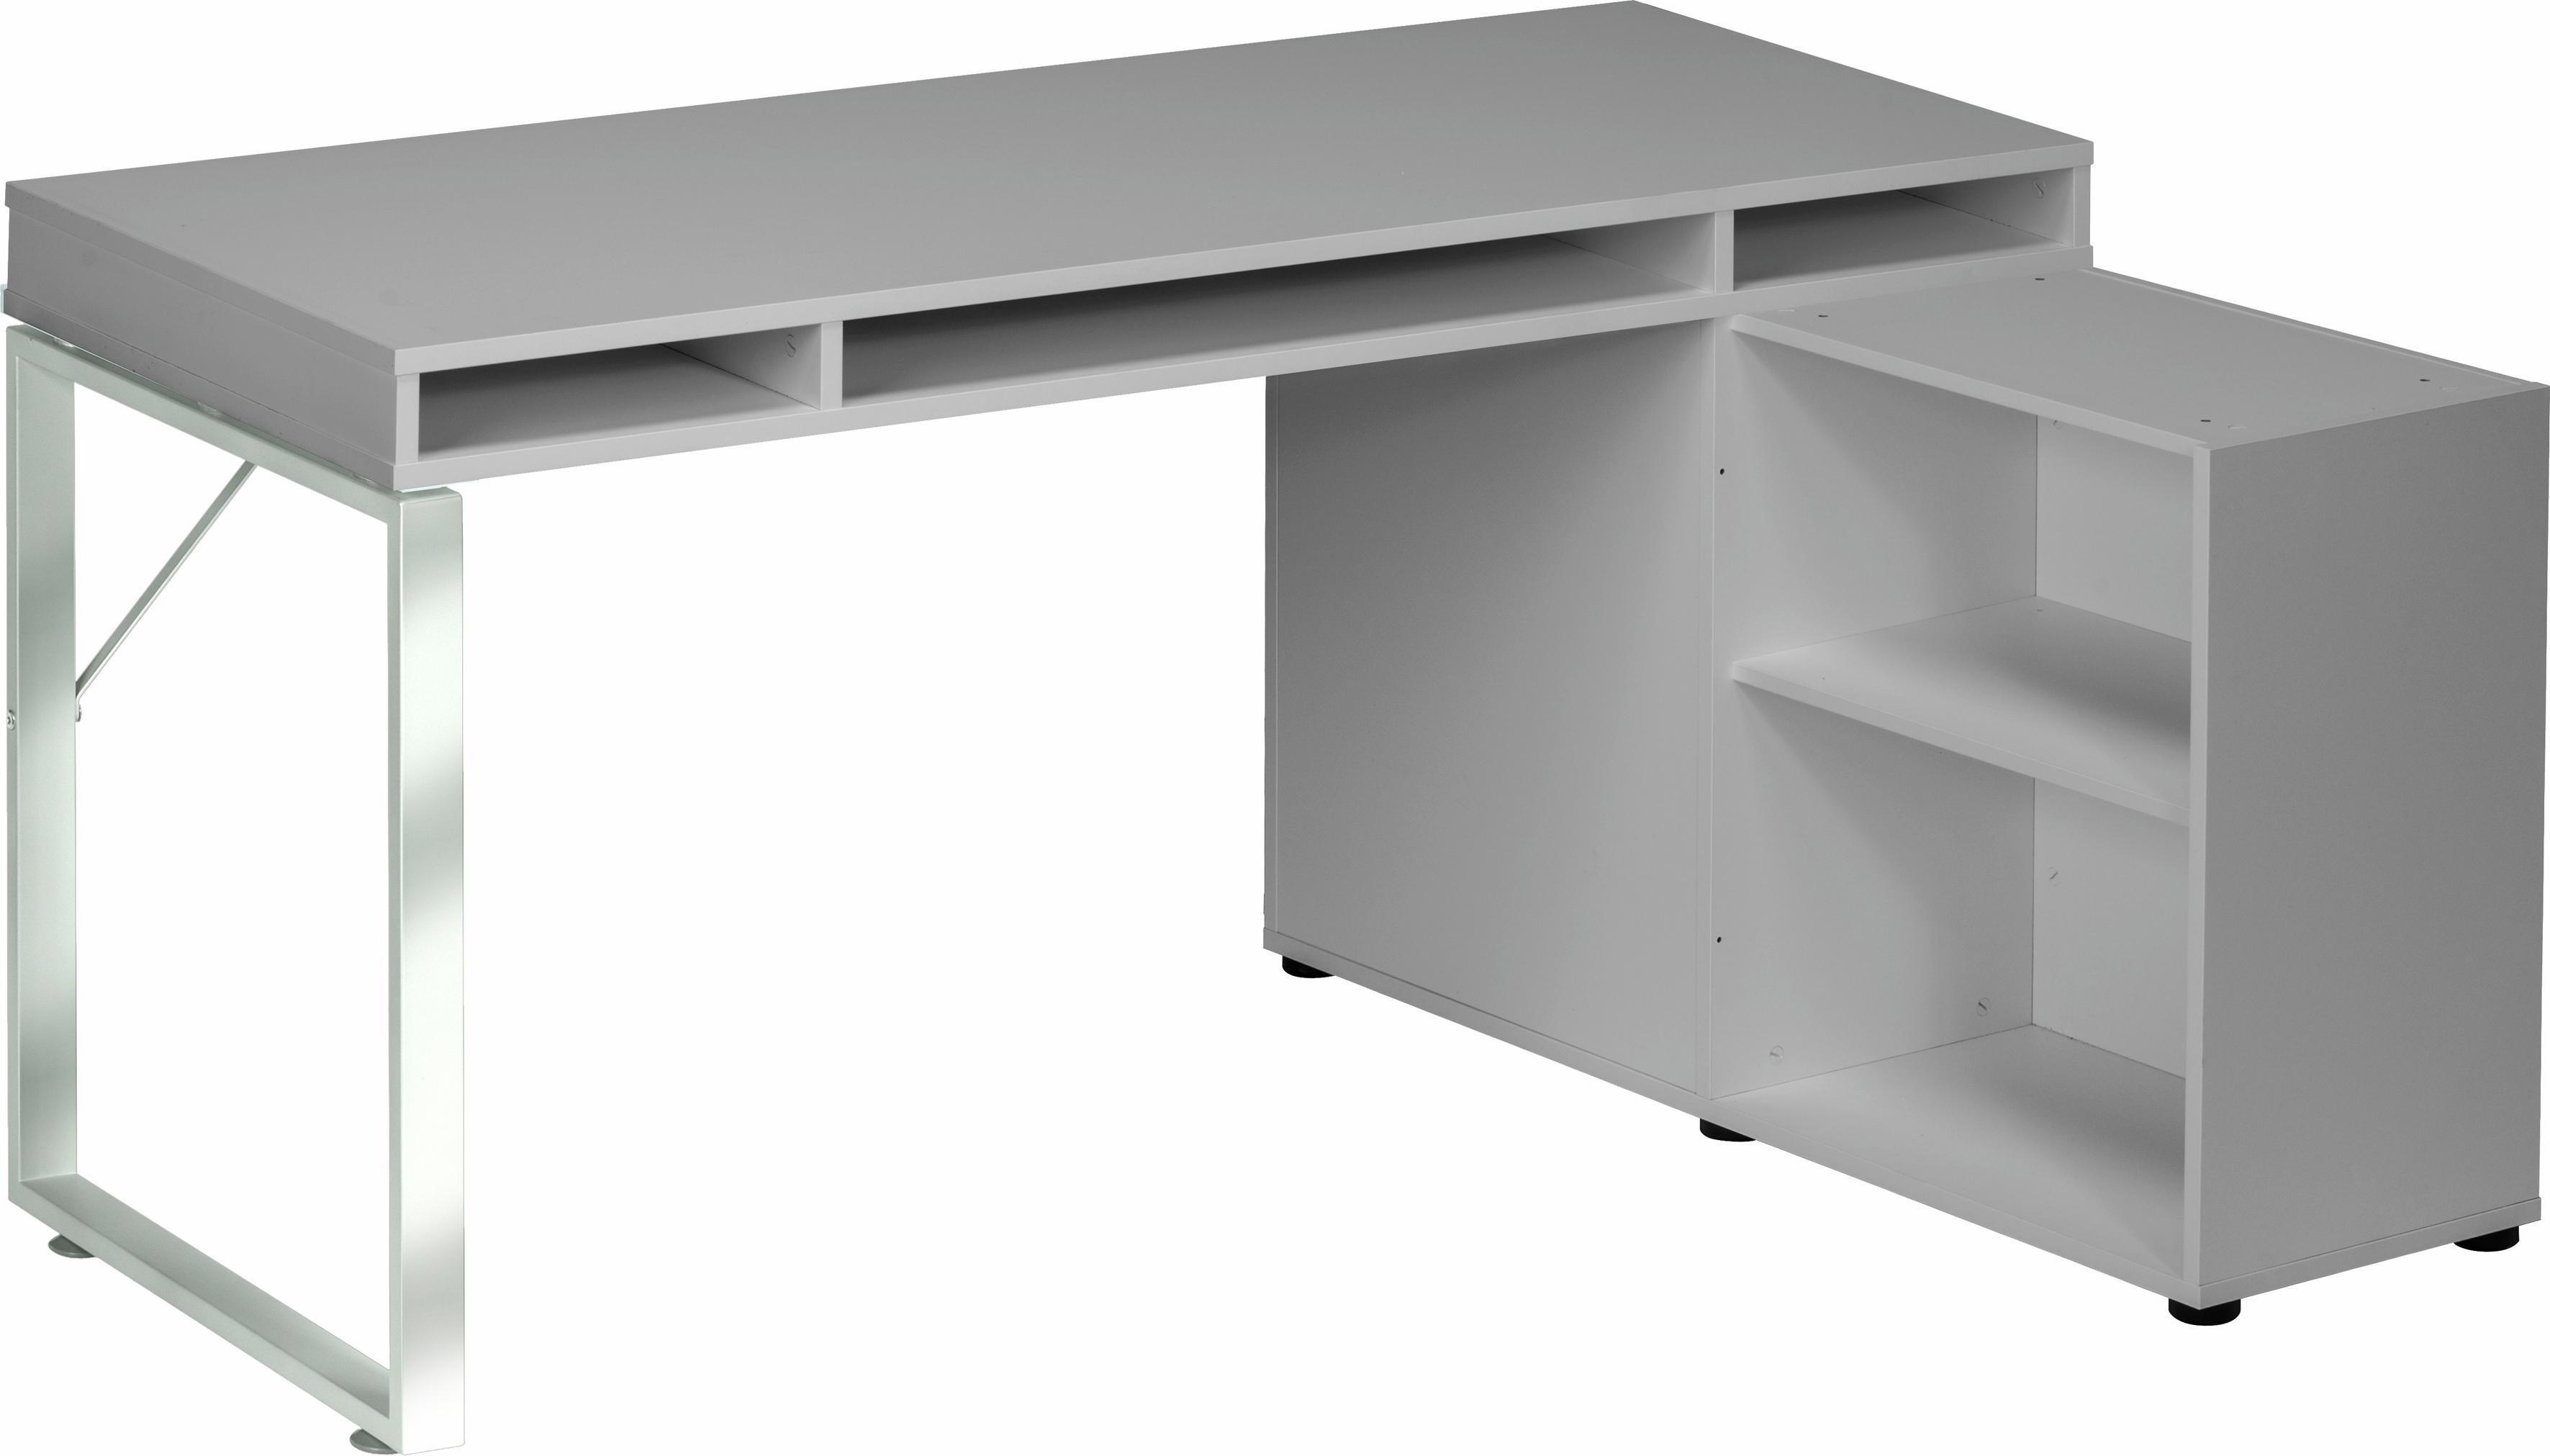 Designermöbel schreibtisch  Schreibtische online kaufen | Möbel-Suchmaschine | ladendirekt.de